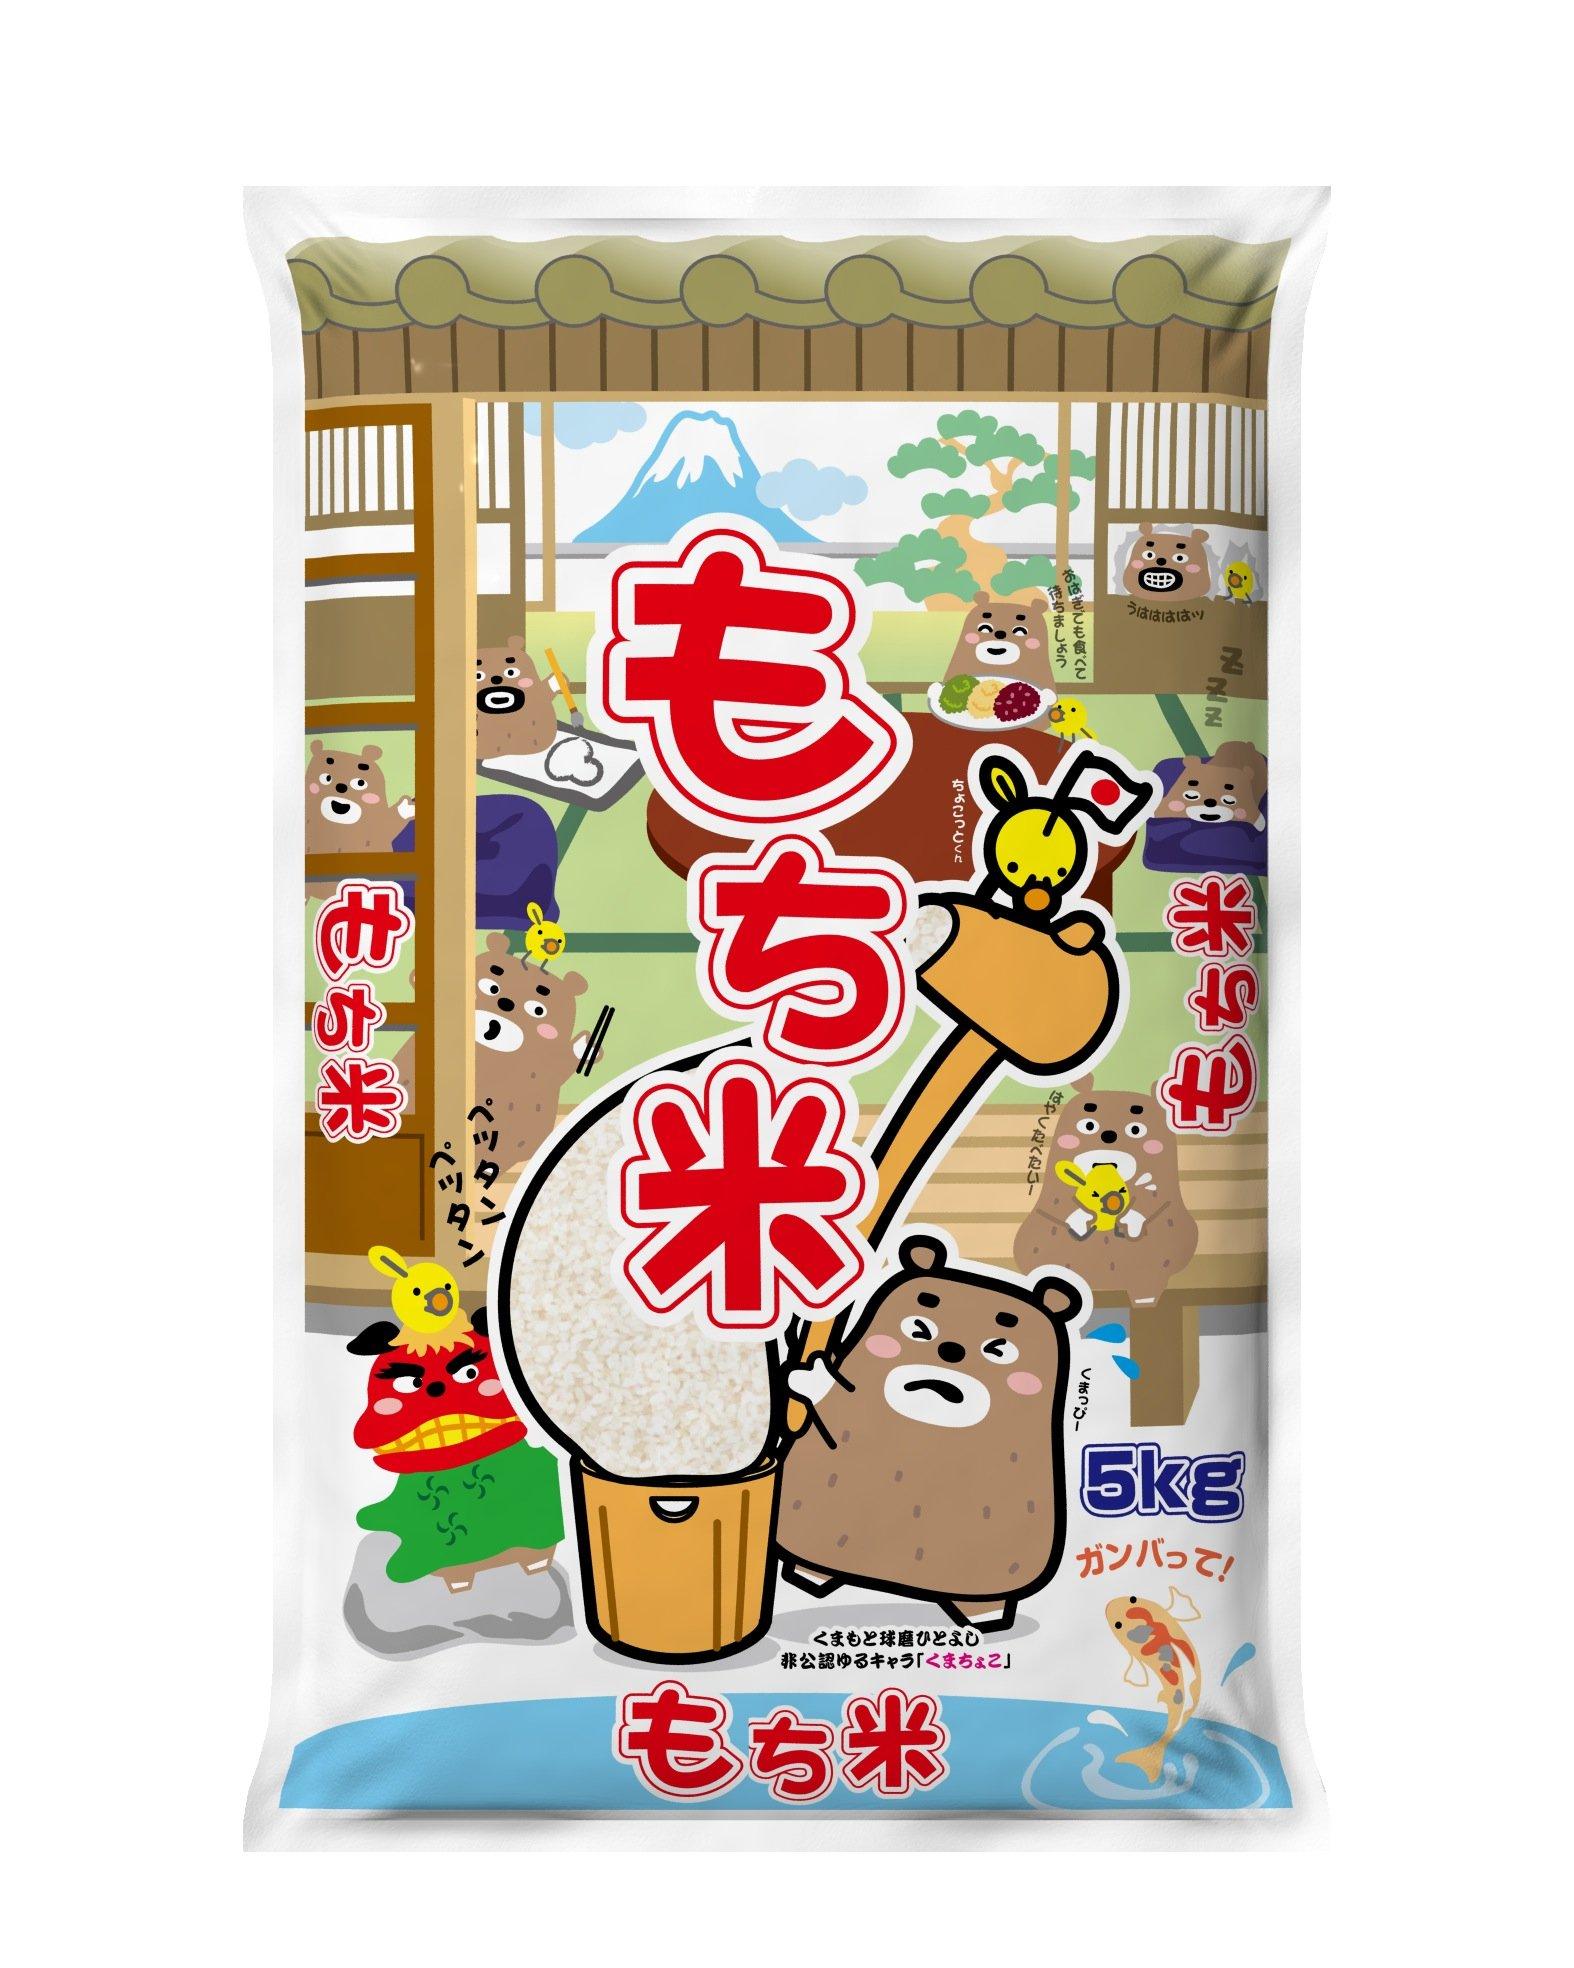 株式会社 29年 国内産 熊本県産 もち米 5kg